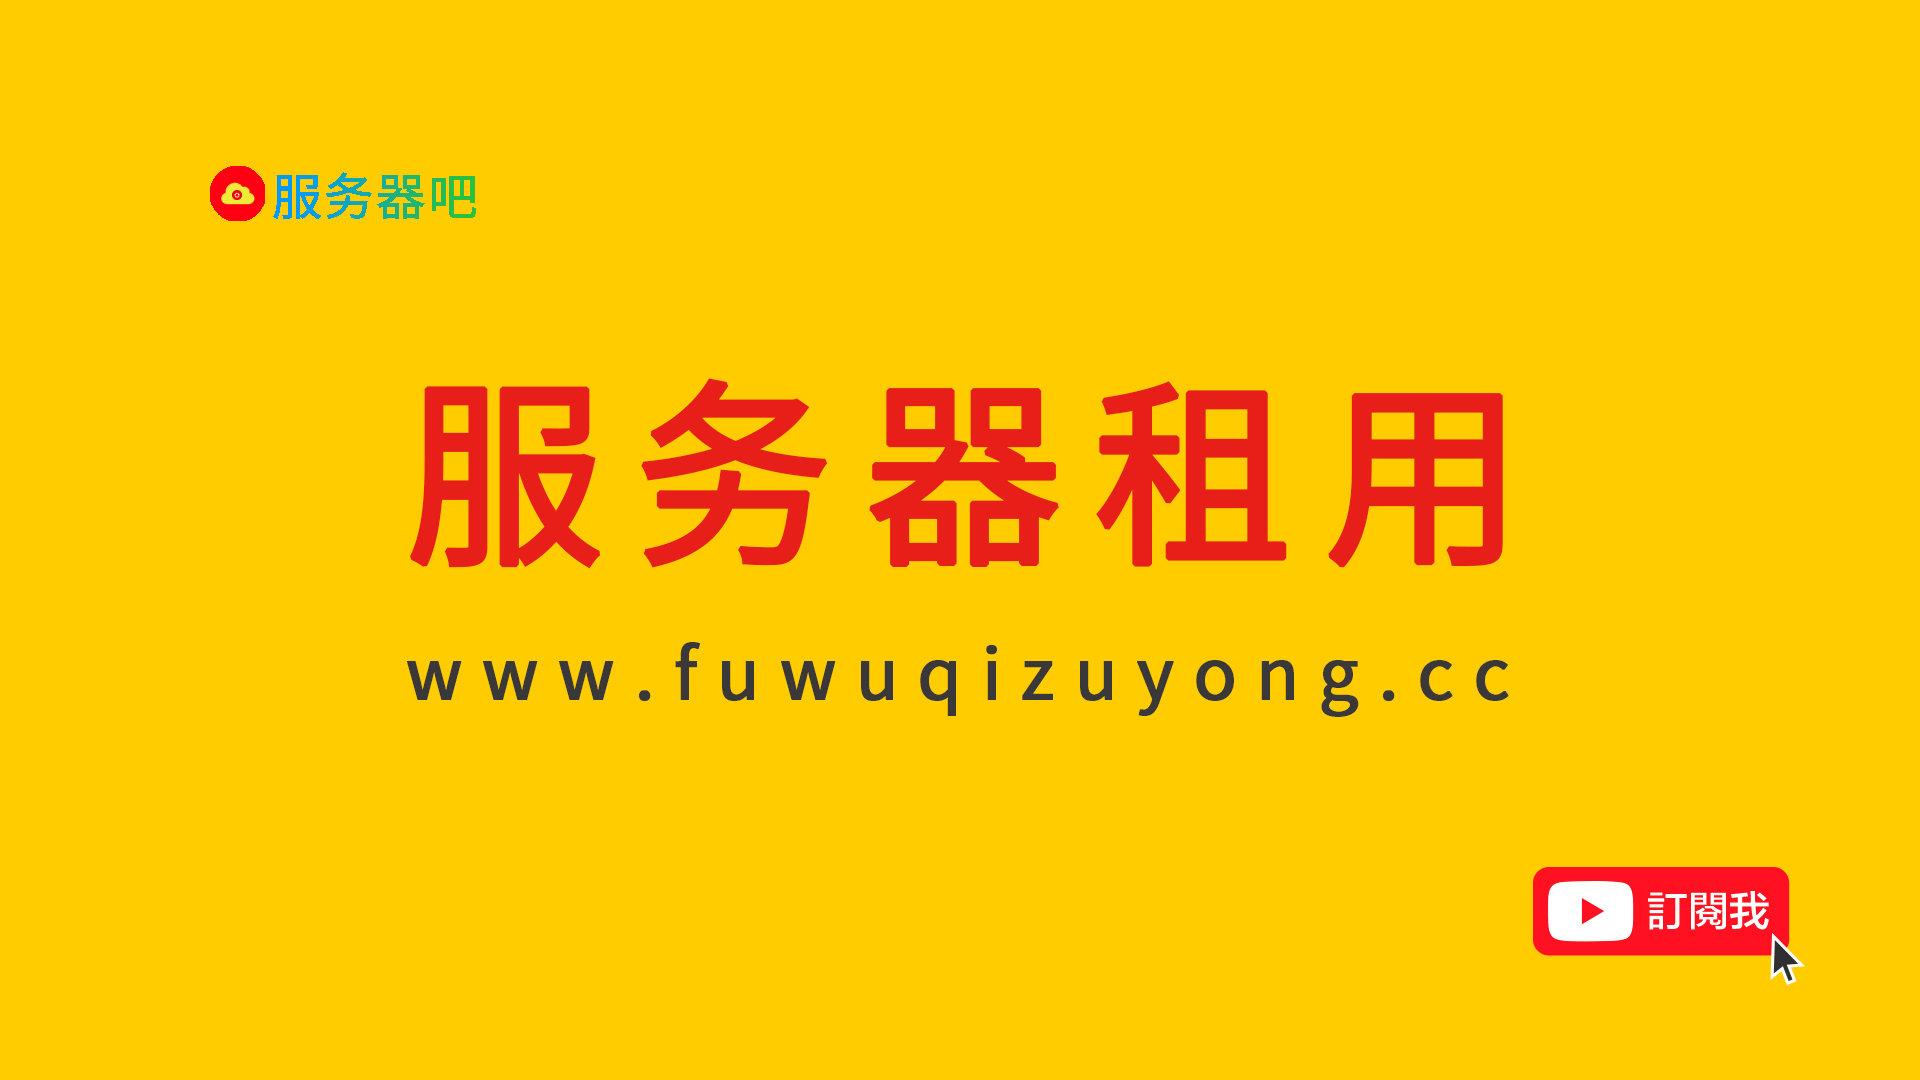 香港裸金属服务器租用的特性注定是用户的首选插图